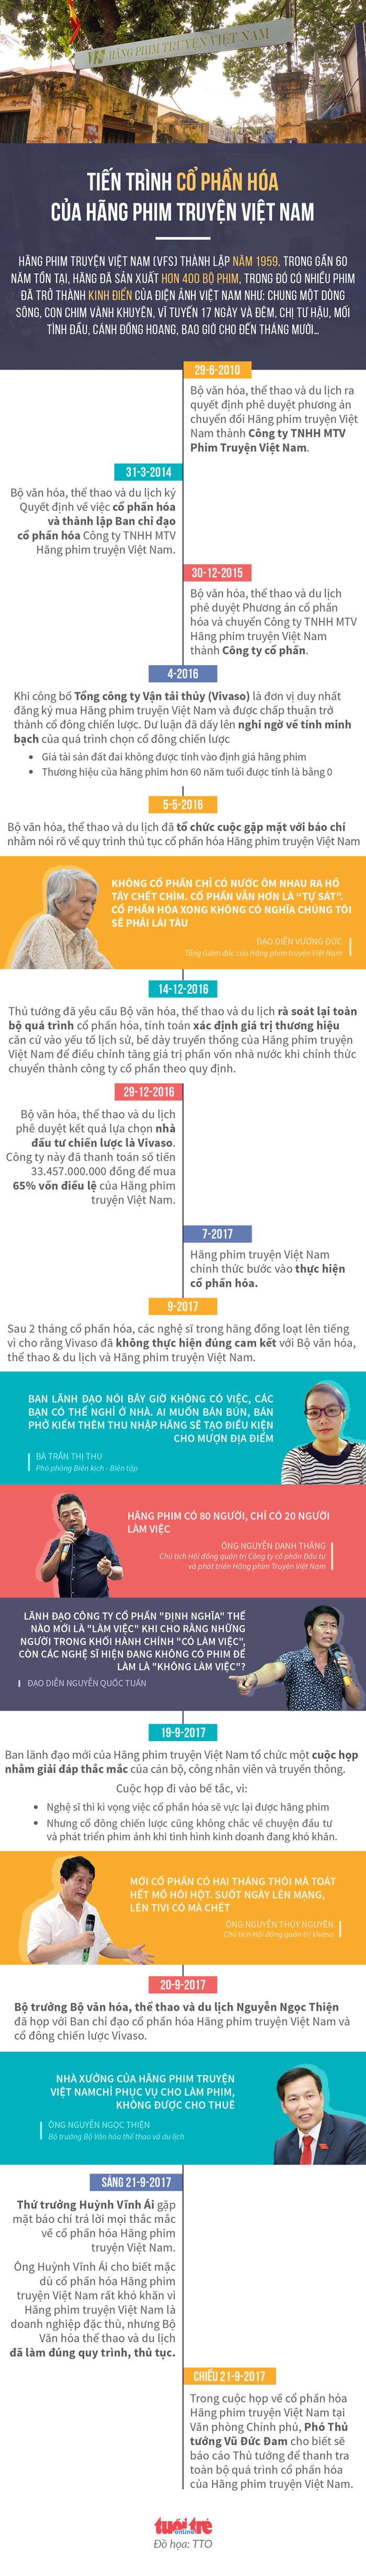 Hãng phim Truyện Việt Nam: cắt tiền bảo hiểm - xén bớt lương - Ảnh 6.